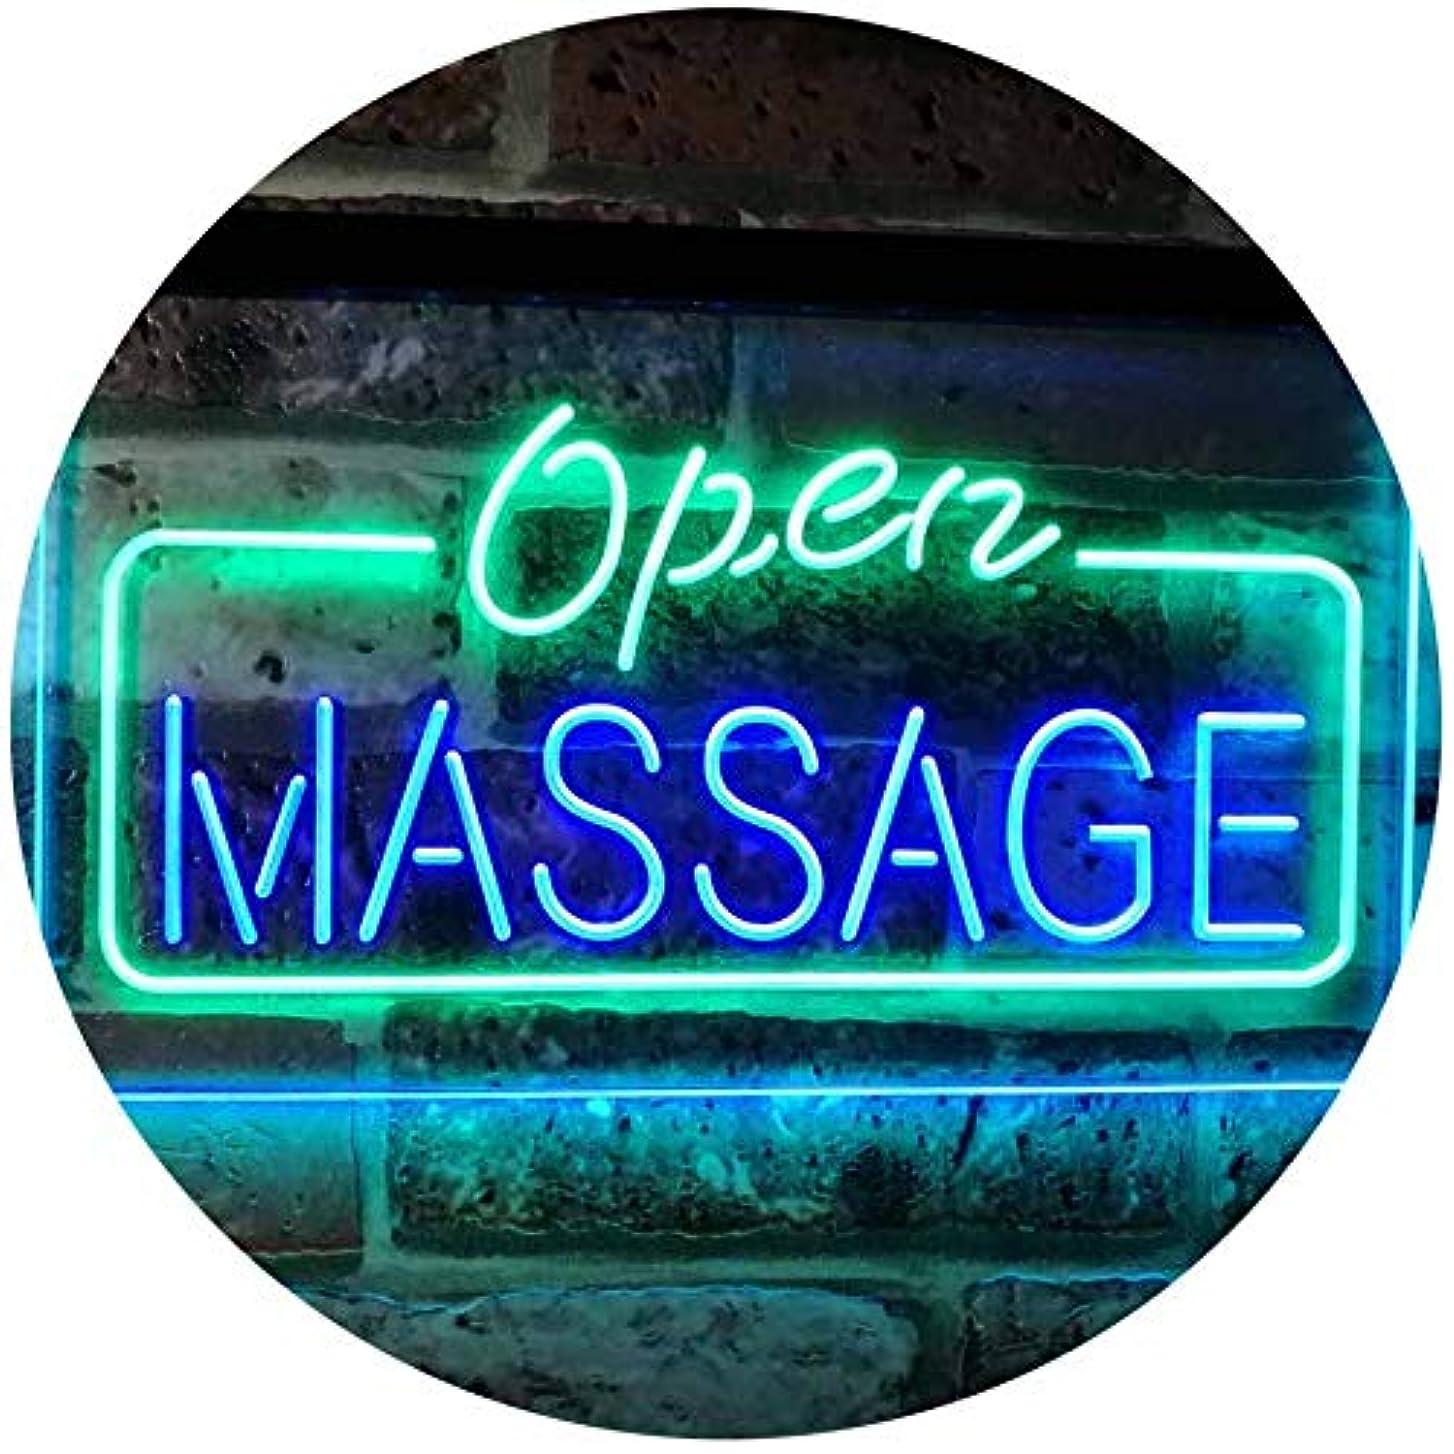 クリスチャン昨日に向かってMassage Therapy Open Walk-In-Welcome Display Body Care LED看板 ネオンプレート サイン 標識 Green & Blue 400mm x 300mm st6s43-...